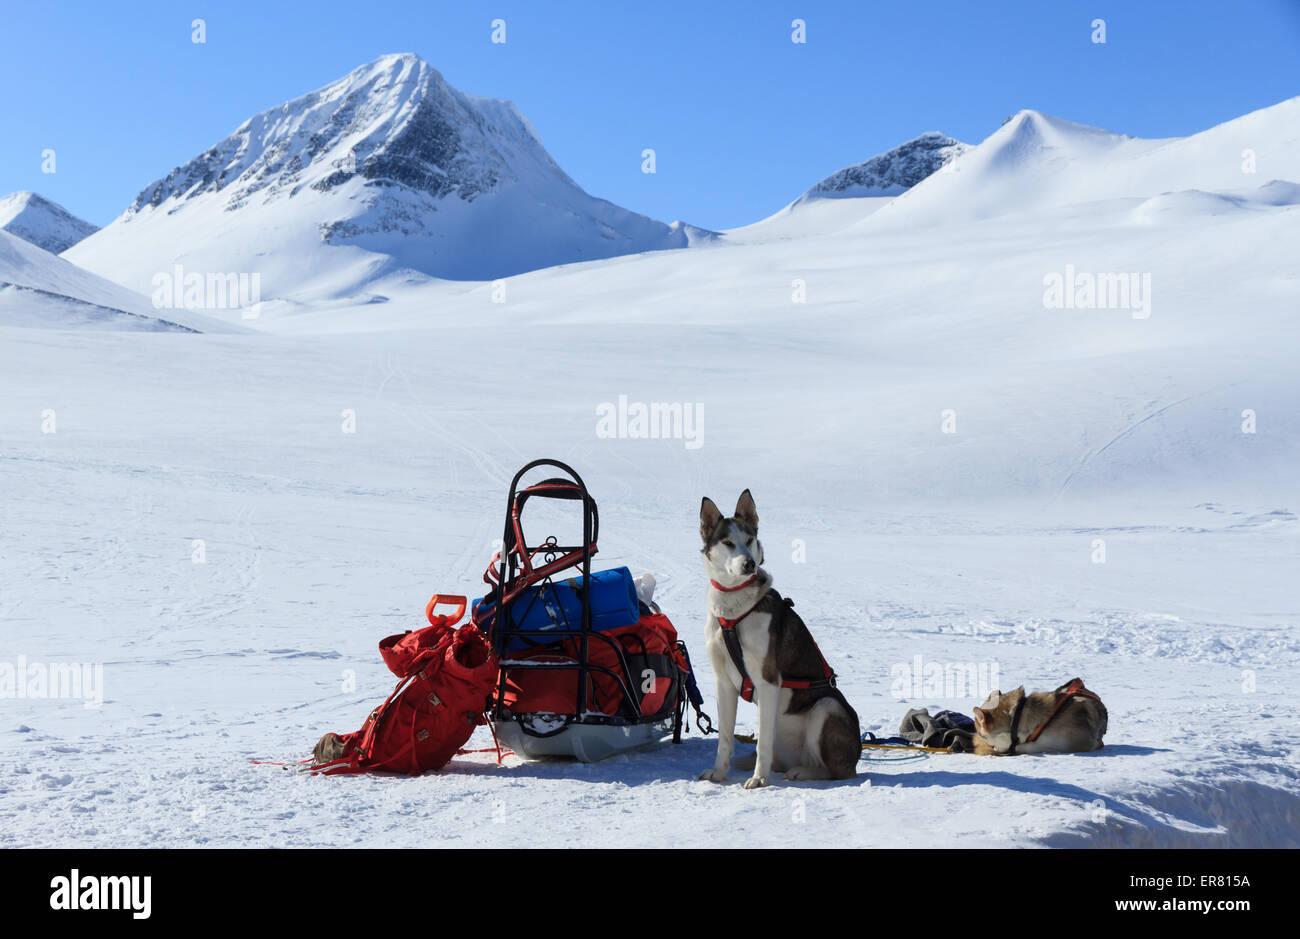 Une équipe de chiens de traîneau husky au travail par une journée d'hiver en Suède. Banque D'Images